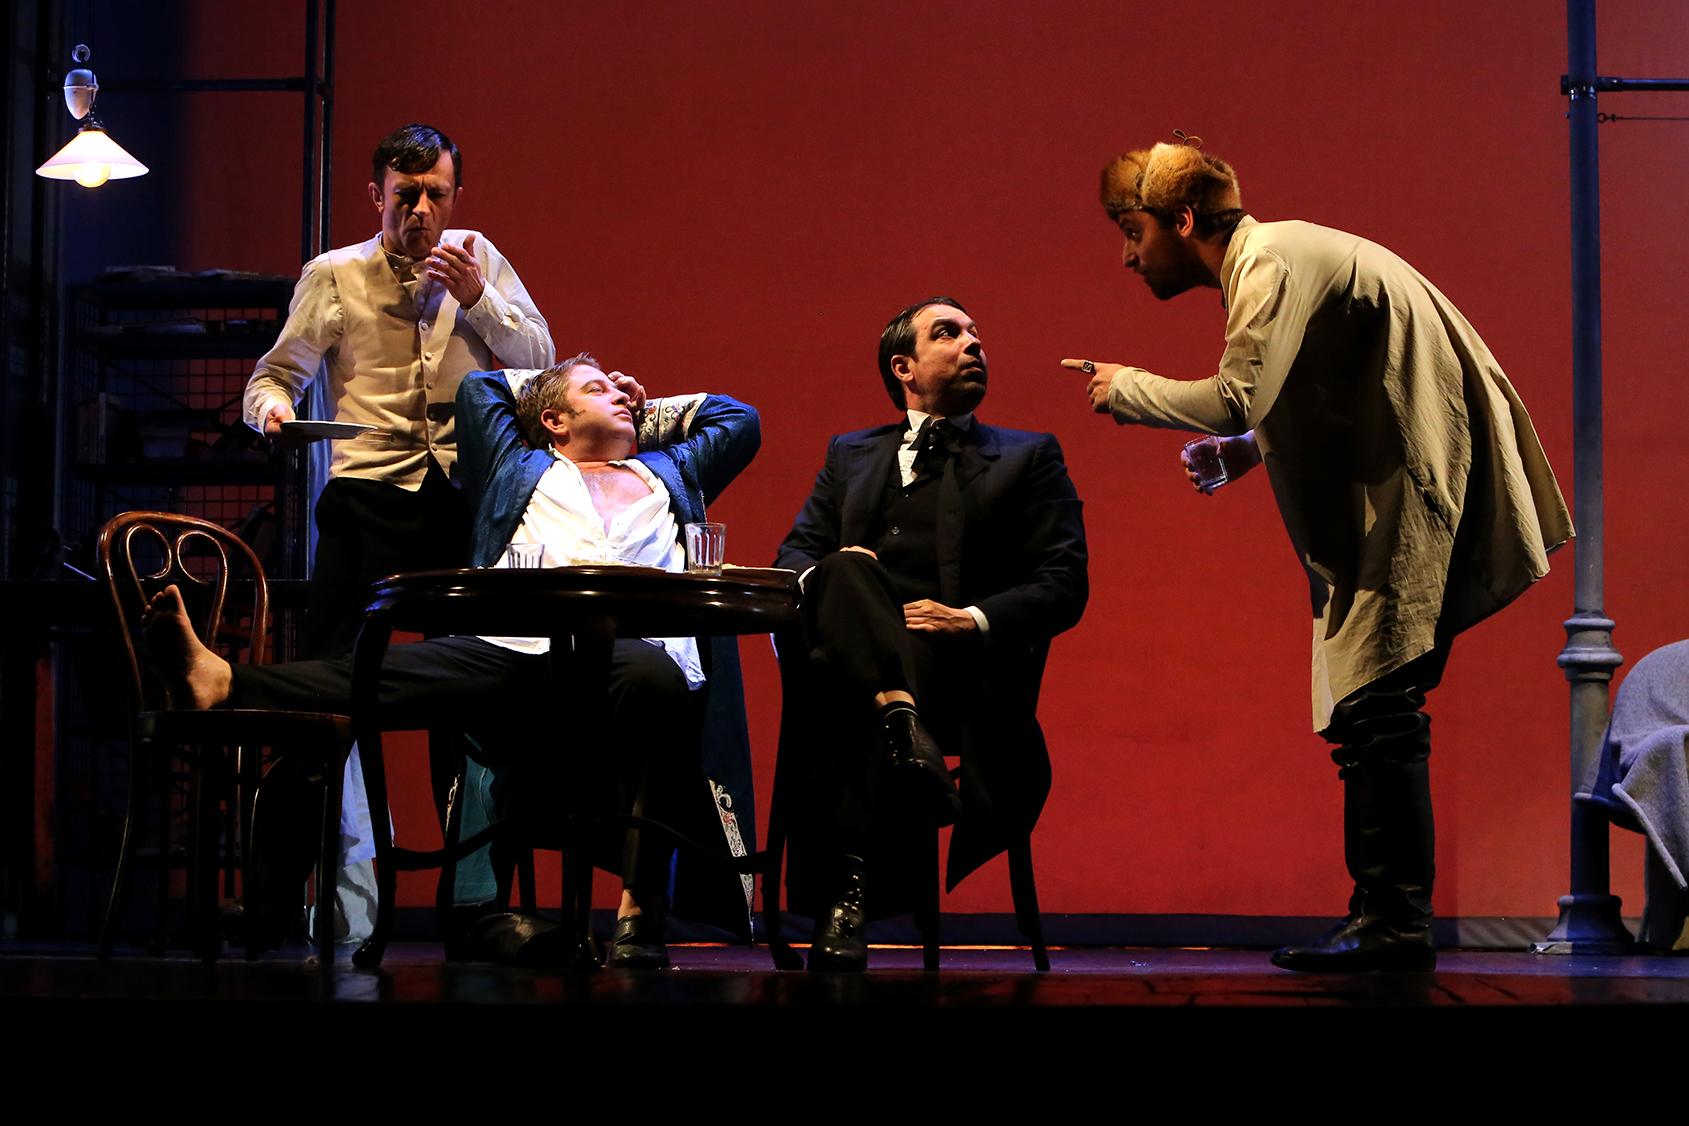 Începe Festivalul Internațional de Teatru Clasic de la Arad